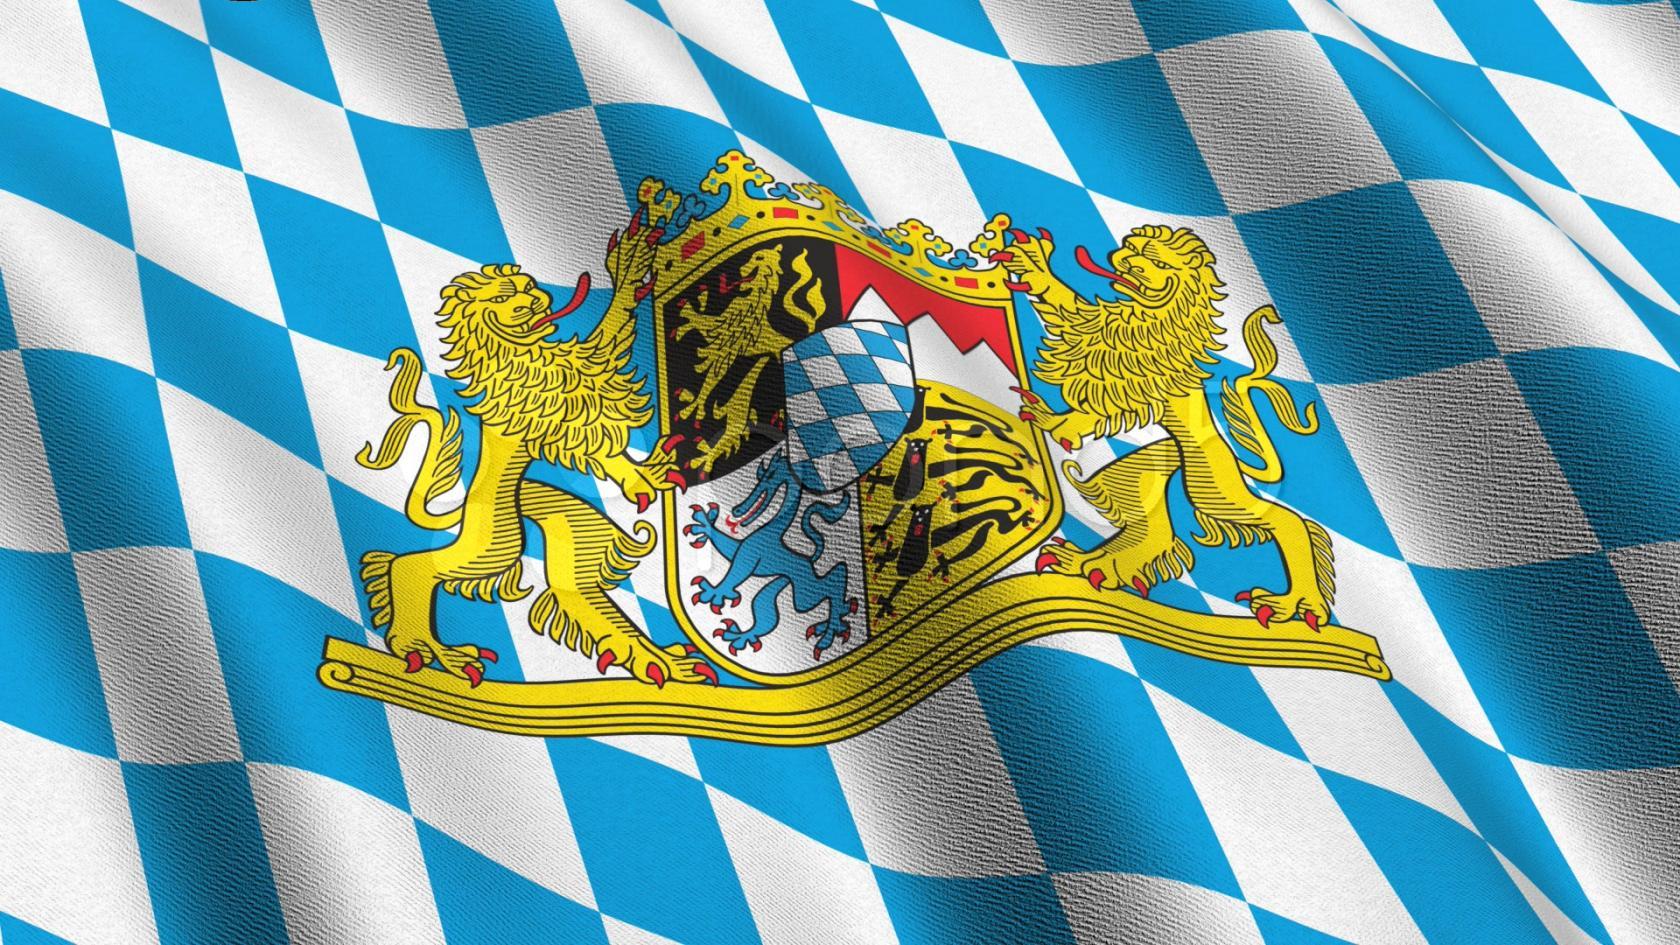 L-embleme-de-la-Baviere.jpeg